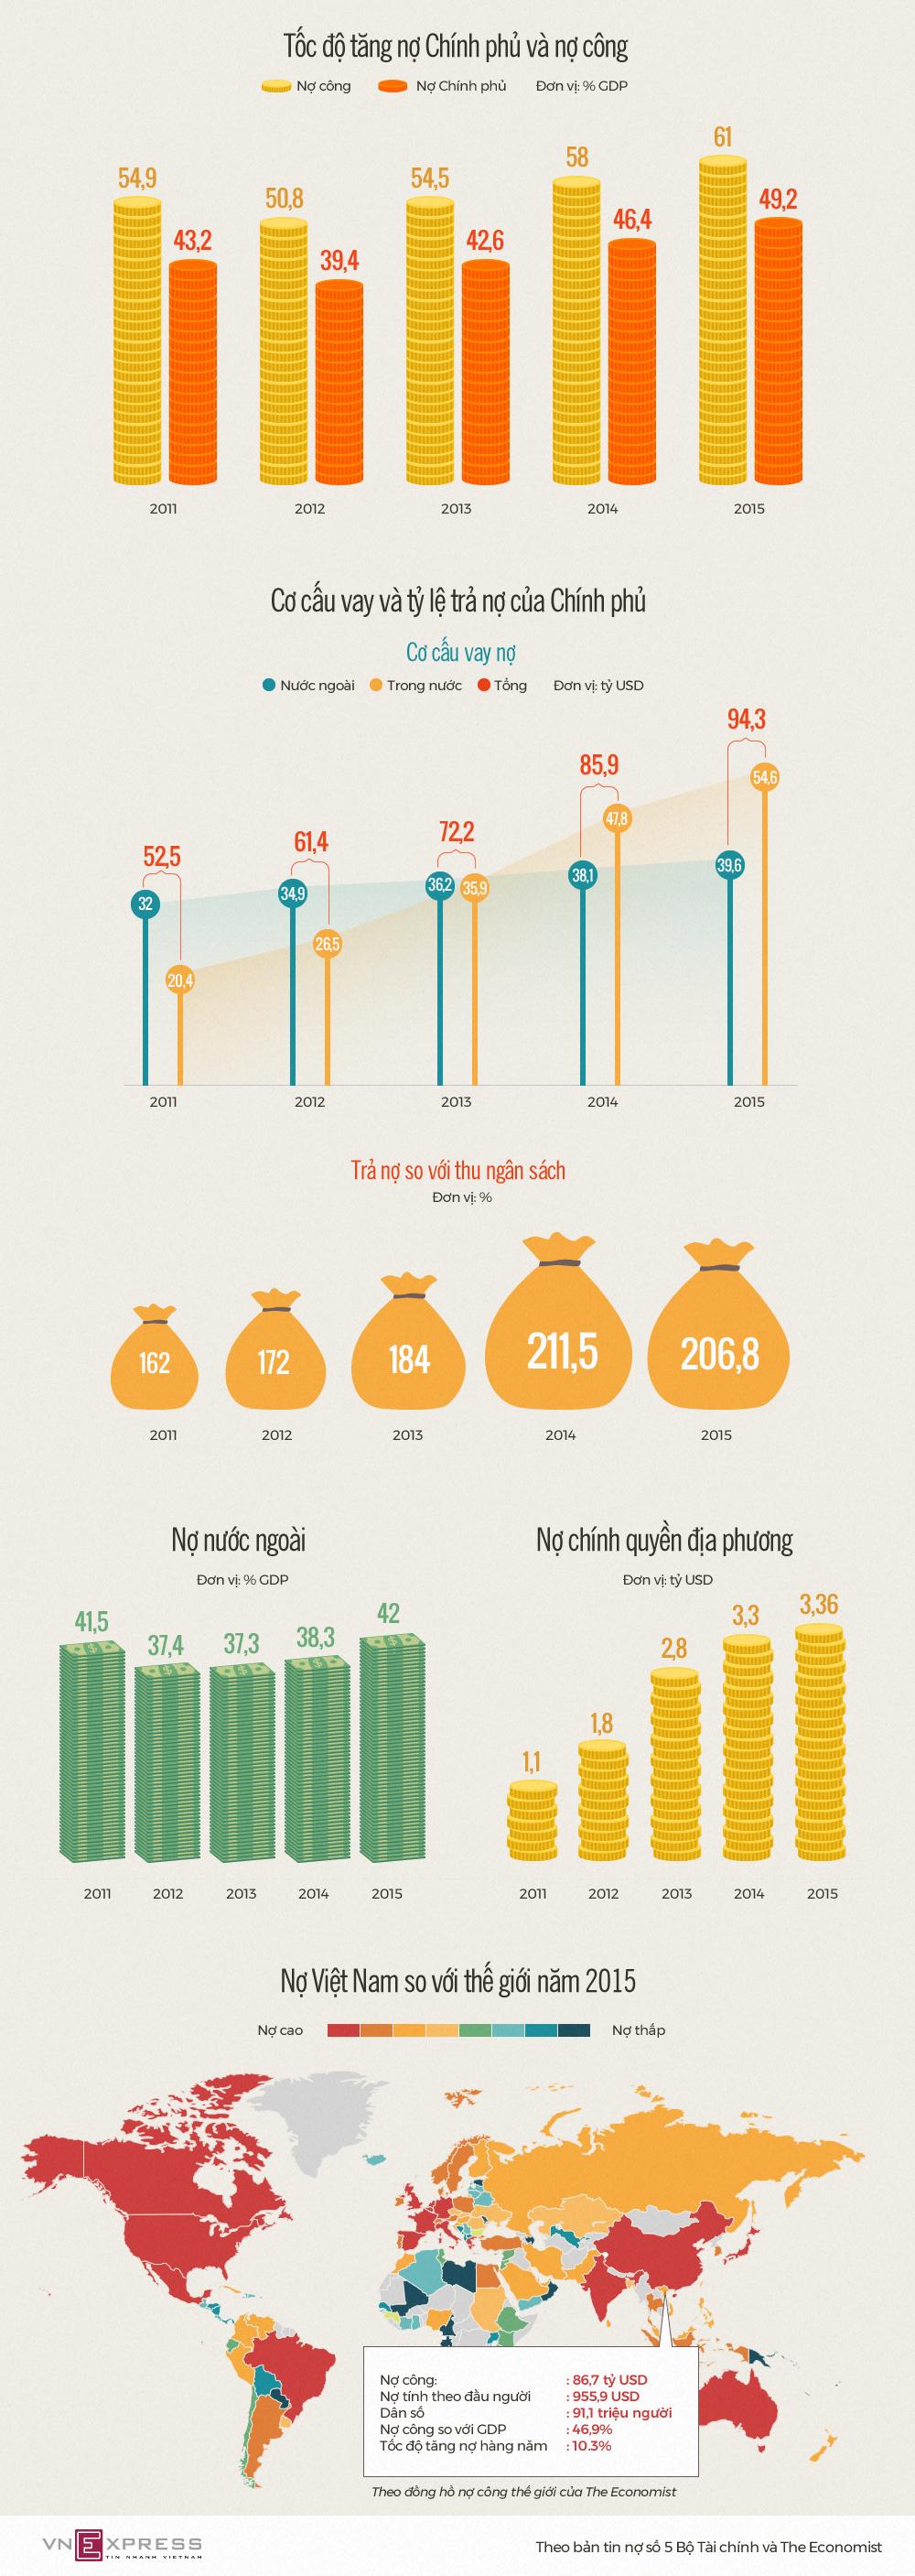 Nợ công tăng nhanh thế nào trong 4 năm qua